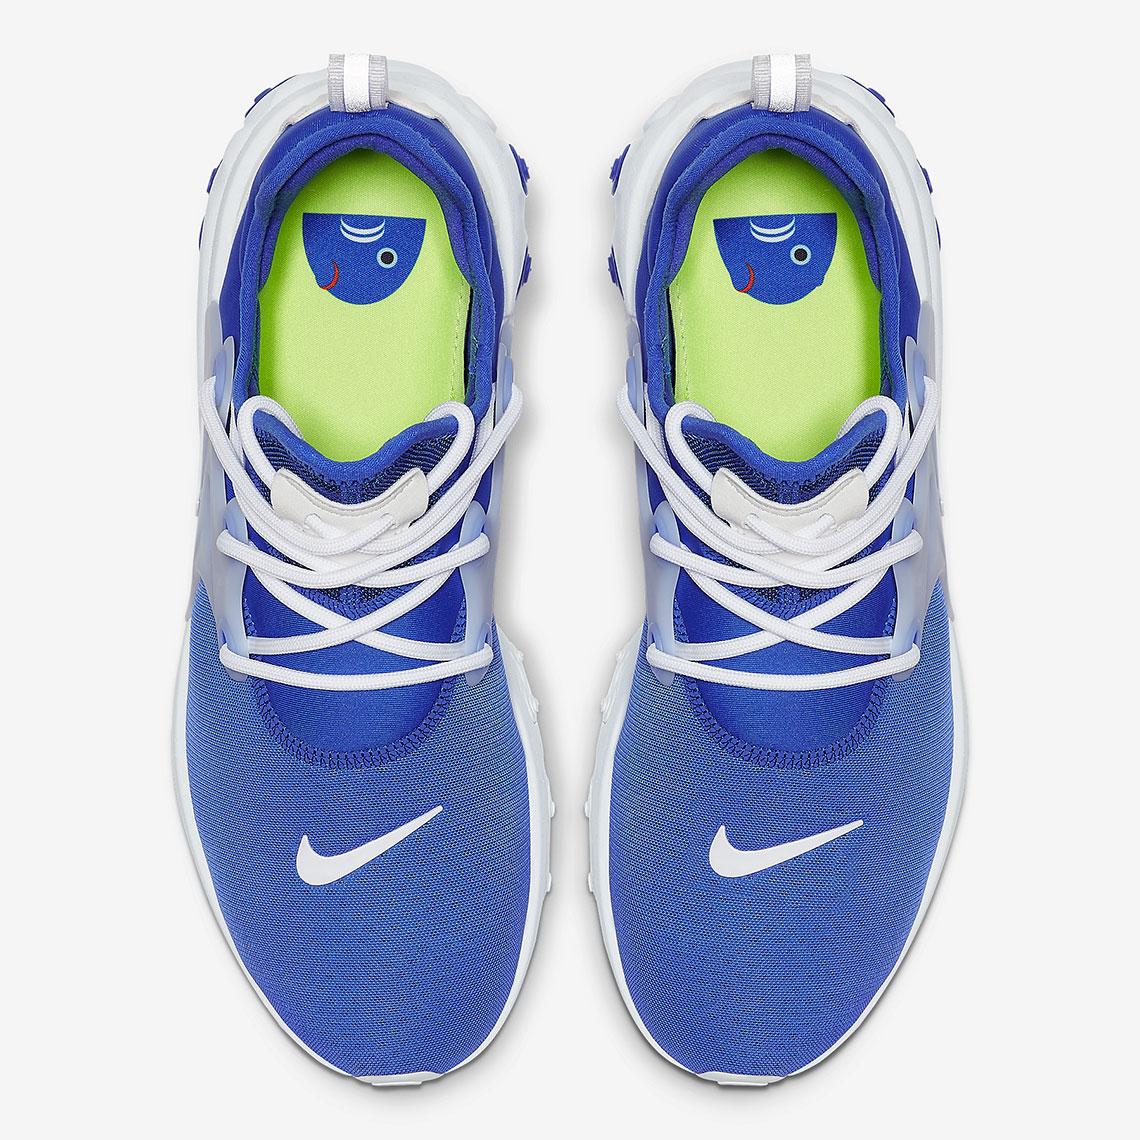 Nike Presto React Hyper Royal AV2605